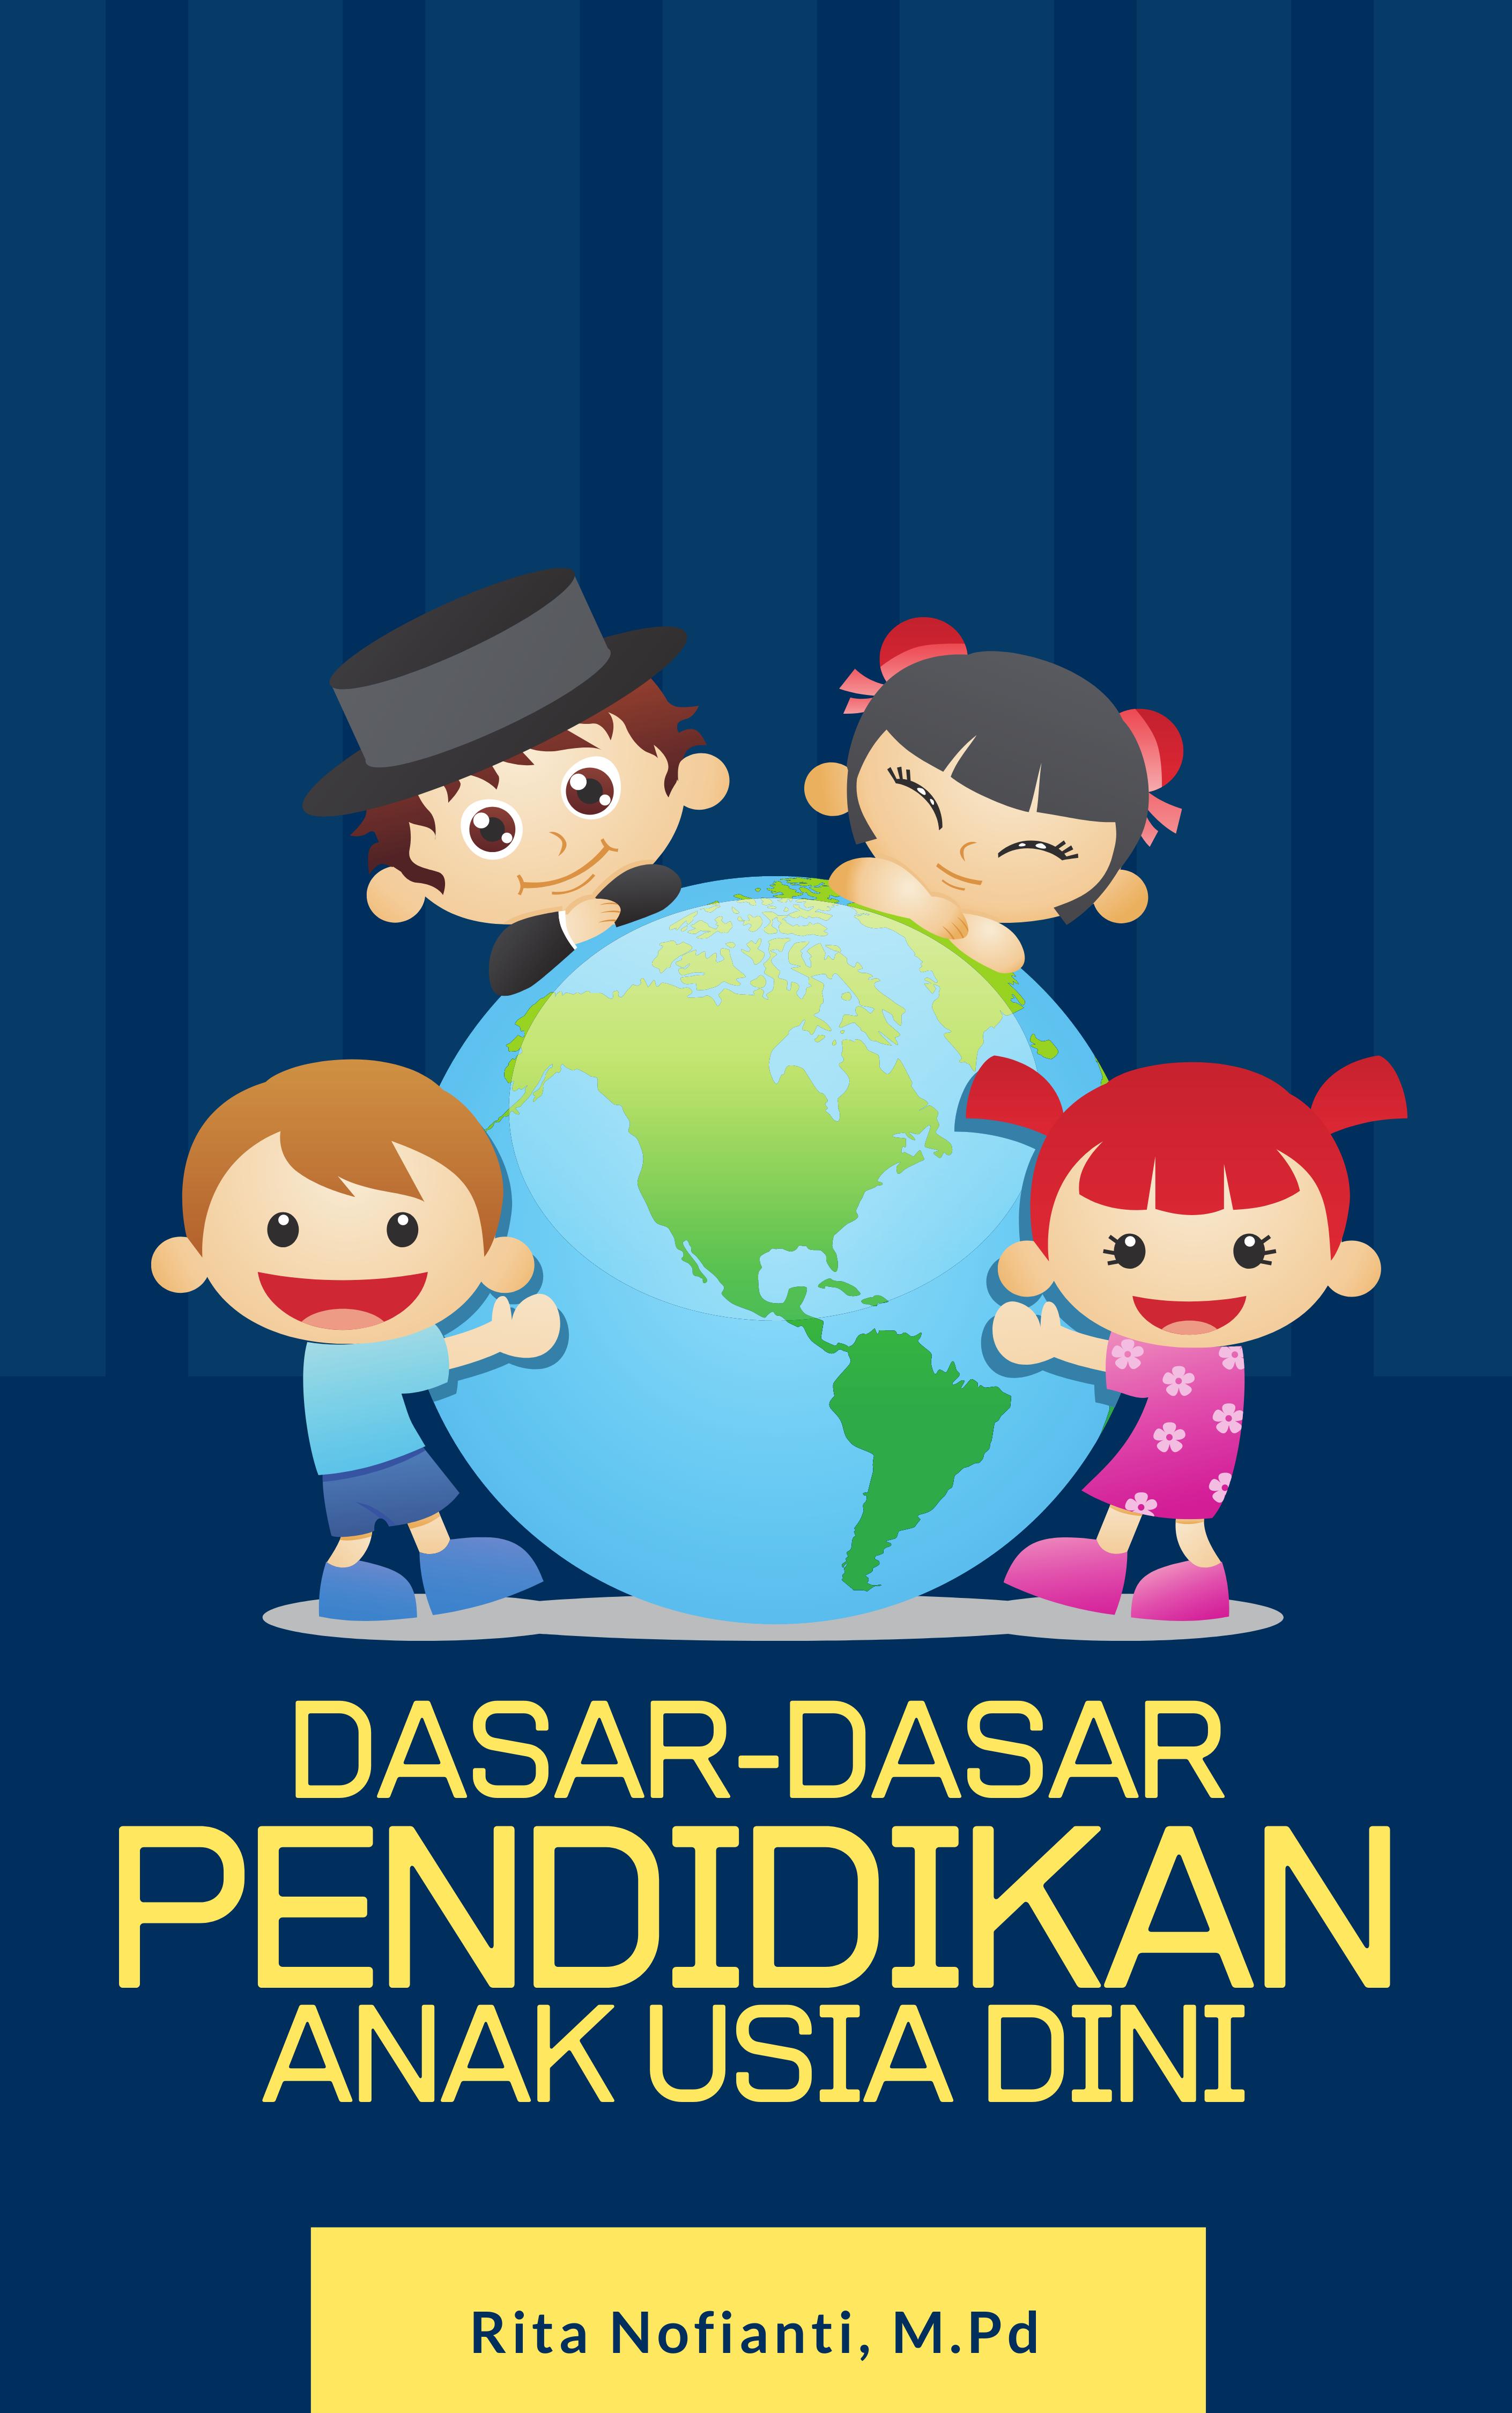 Dasar-dasar pendidikan anak usia dini [sumber elektronis]